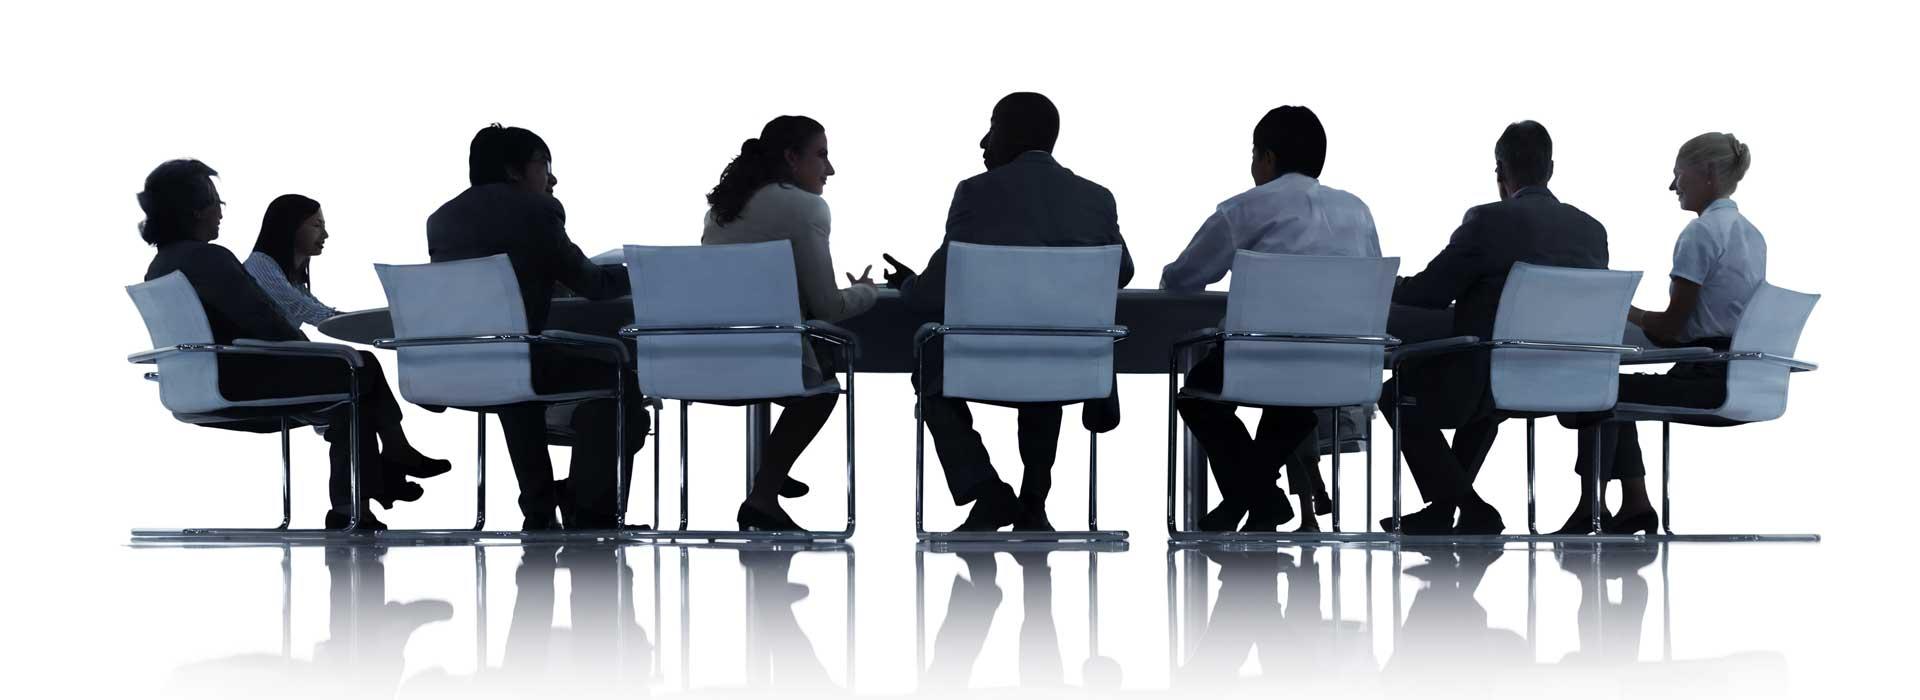 2019 GAAR & SWMLS Board of Directors Applications